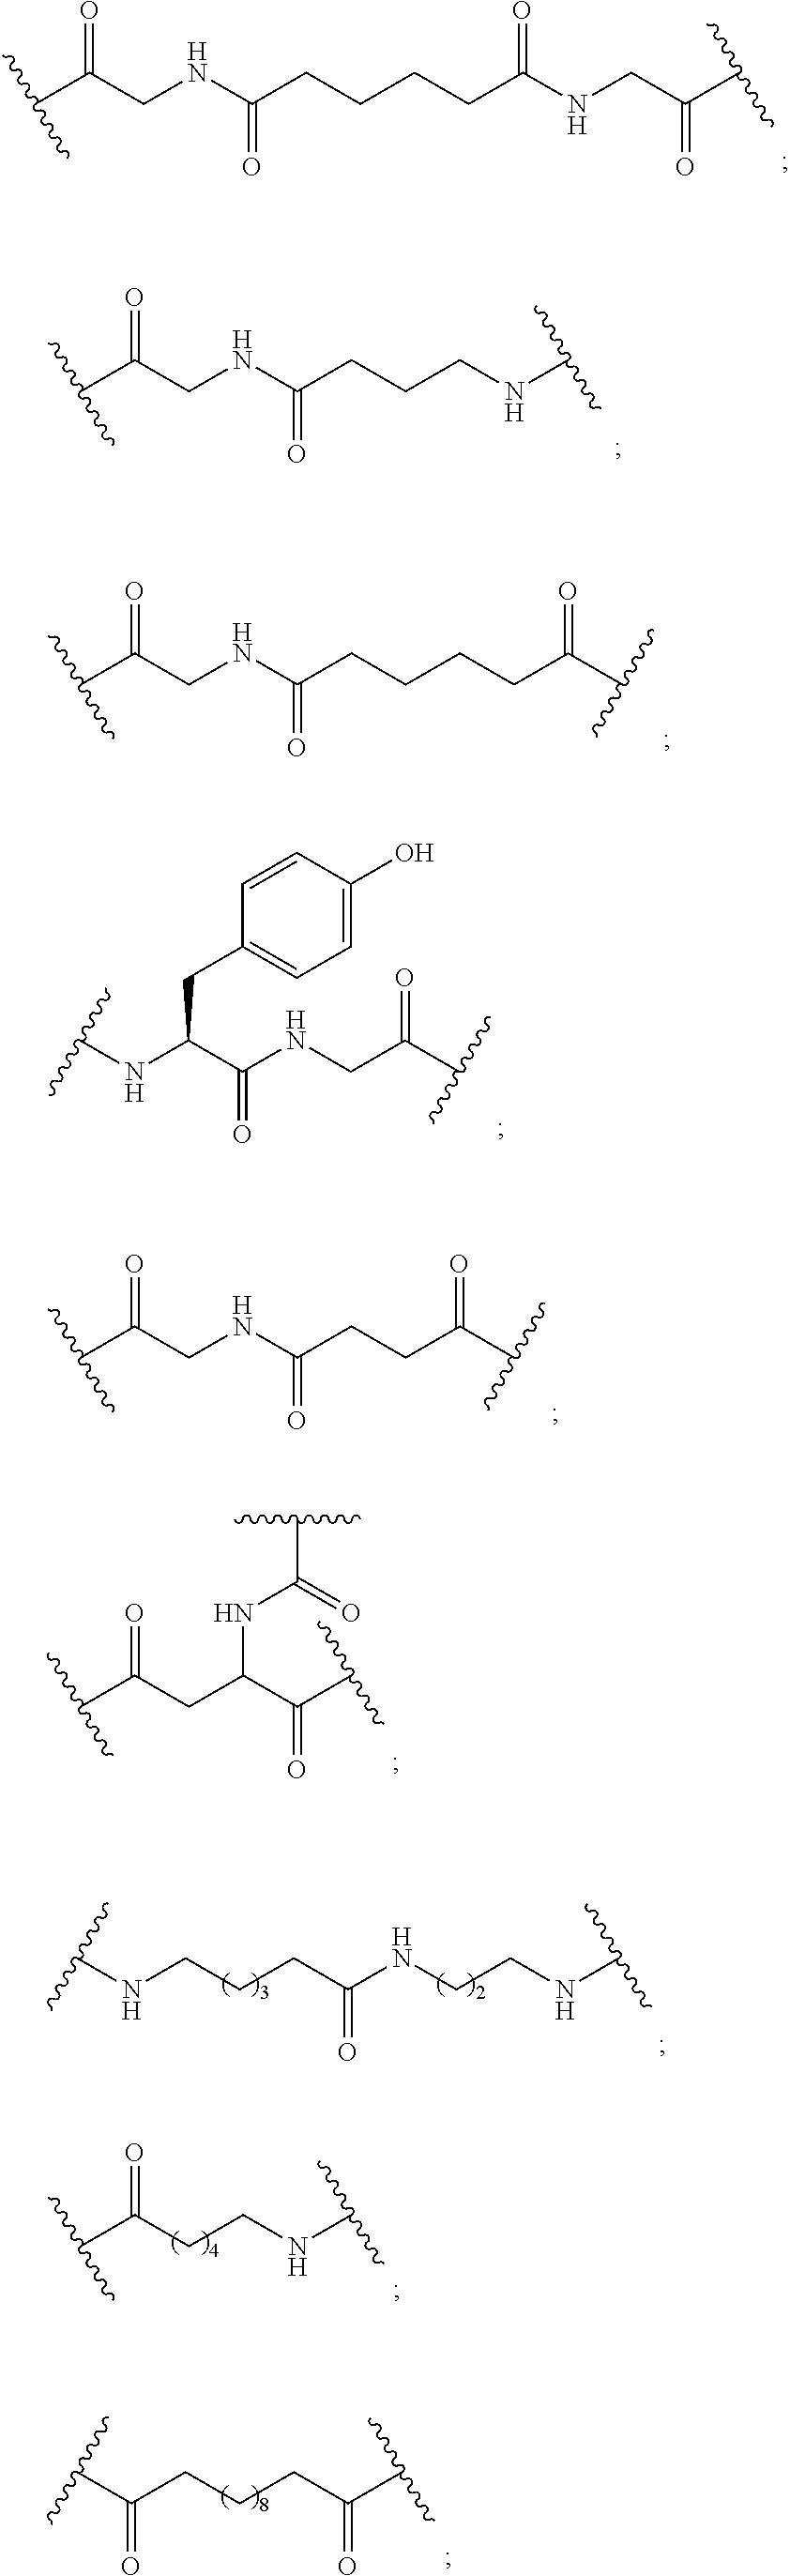 Figure US09932581-20180403-C00151